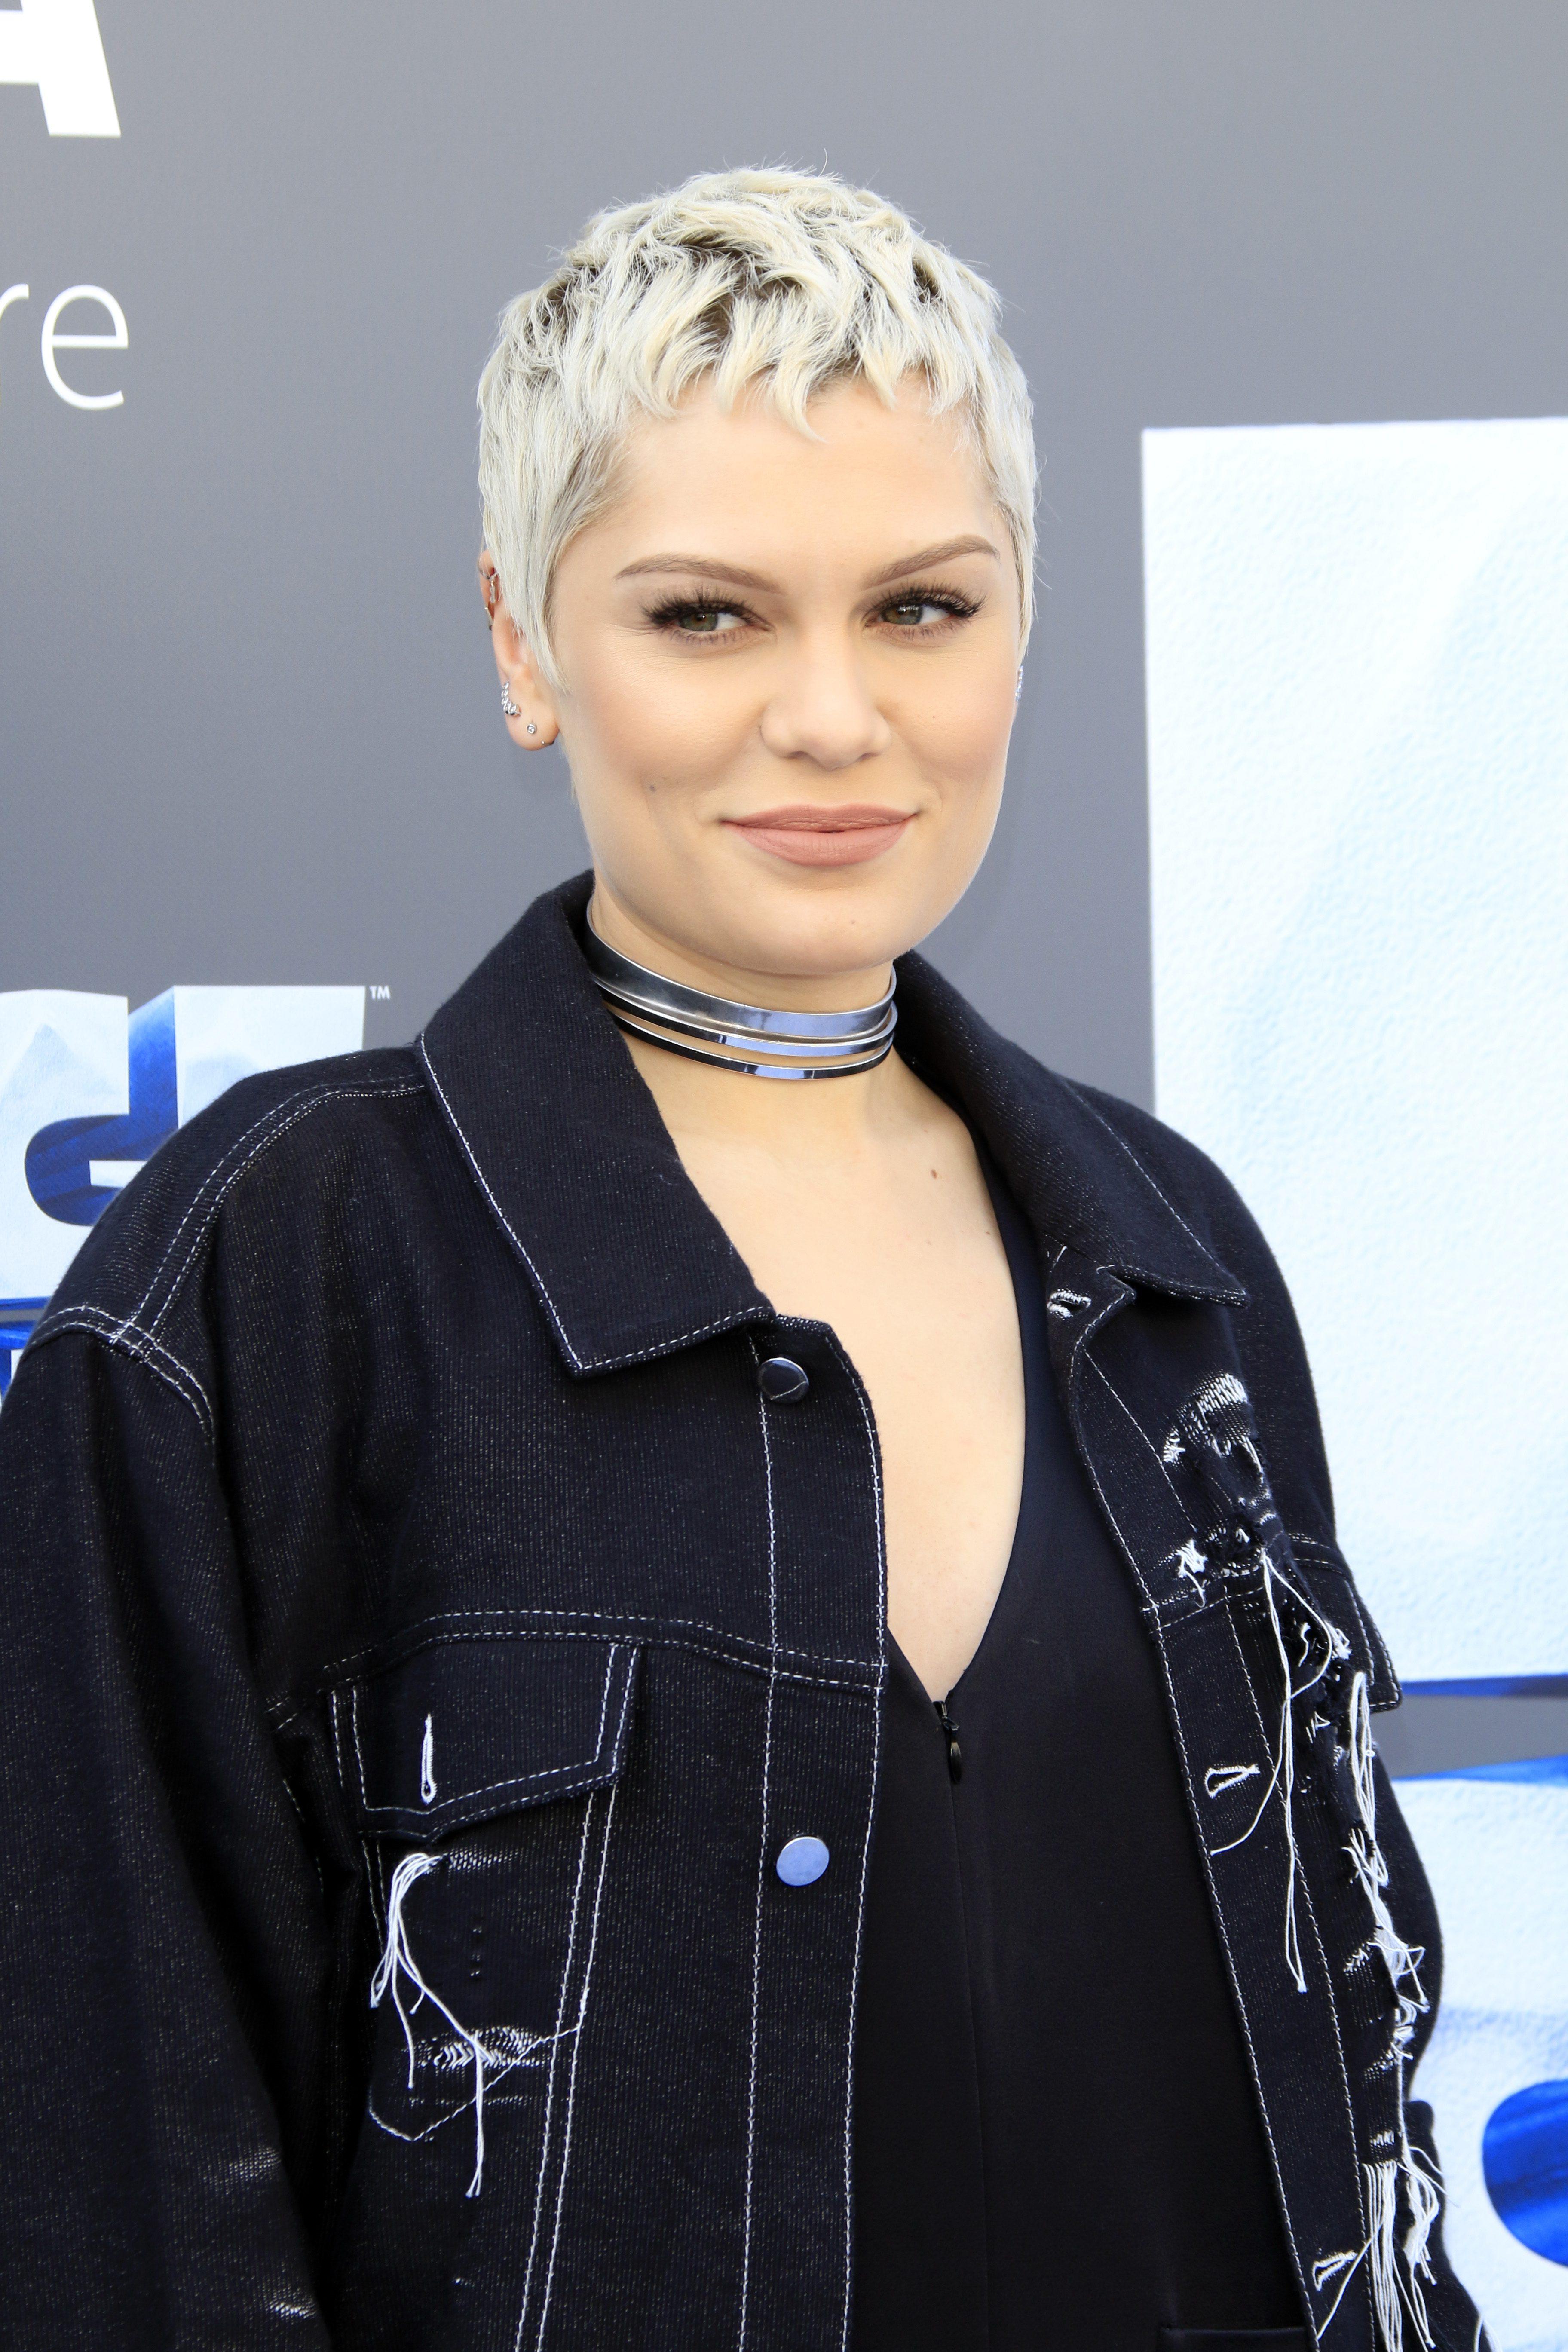 Jessie J's Piecey Platinum-Blonde Pixie